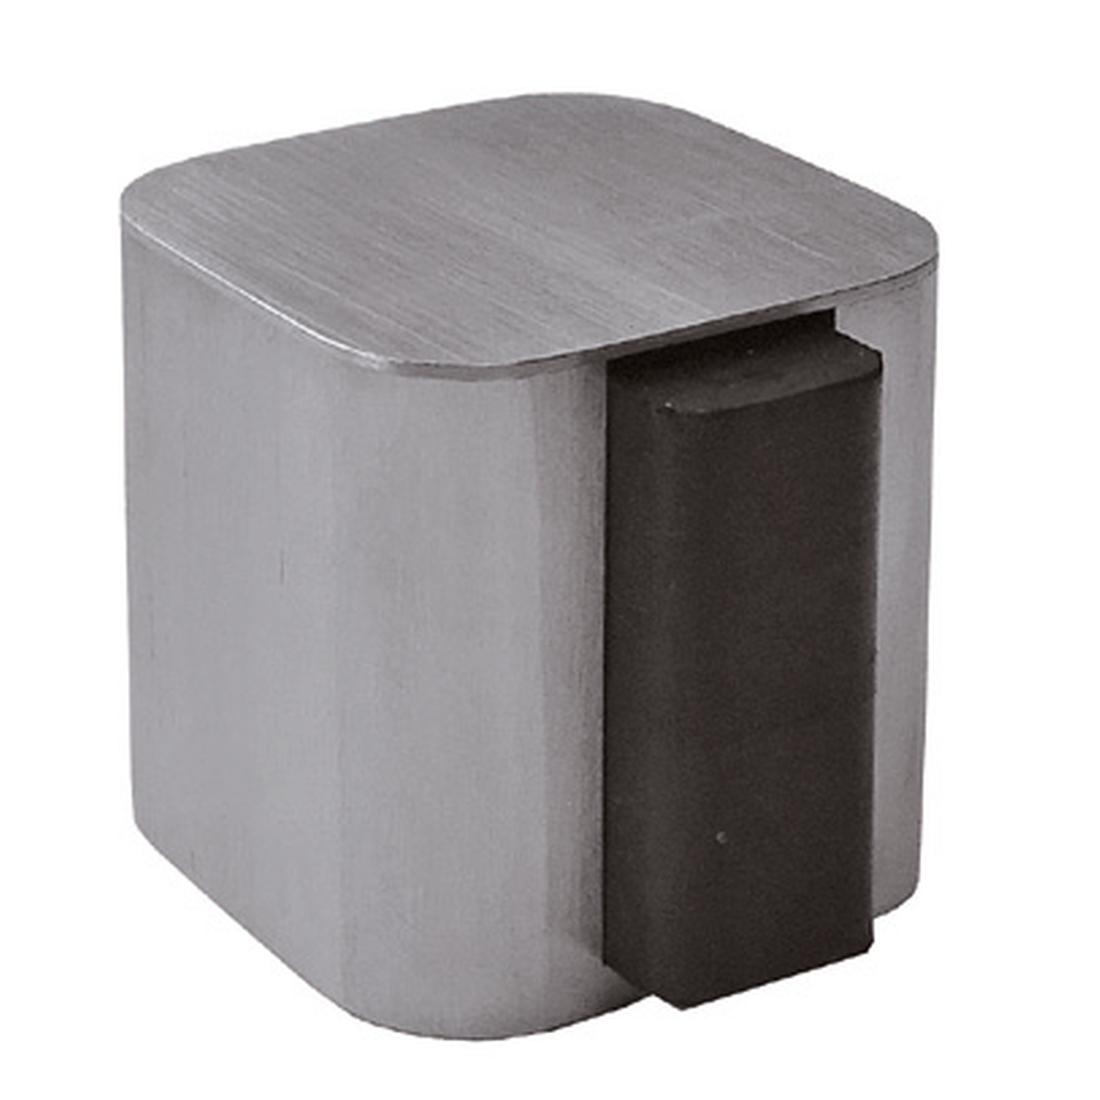 DOOR STOPPER FOR FLOOR MOUNTING, [/] 40/40MM, 2 X SCREWS AND DOWELS